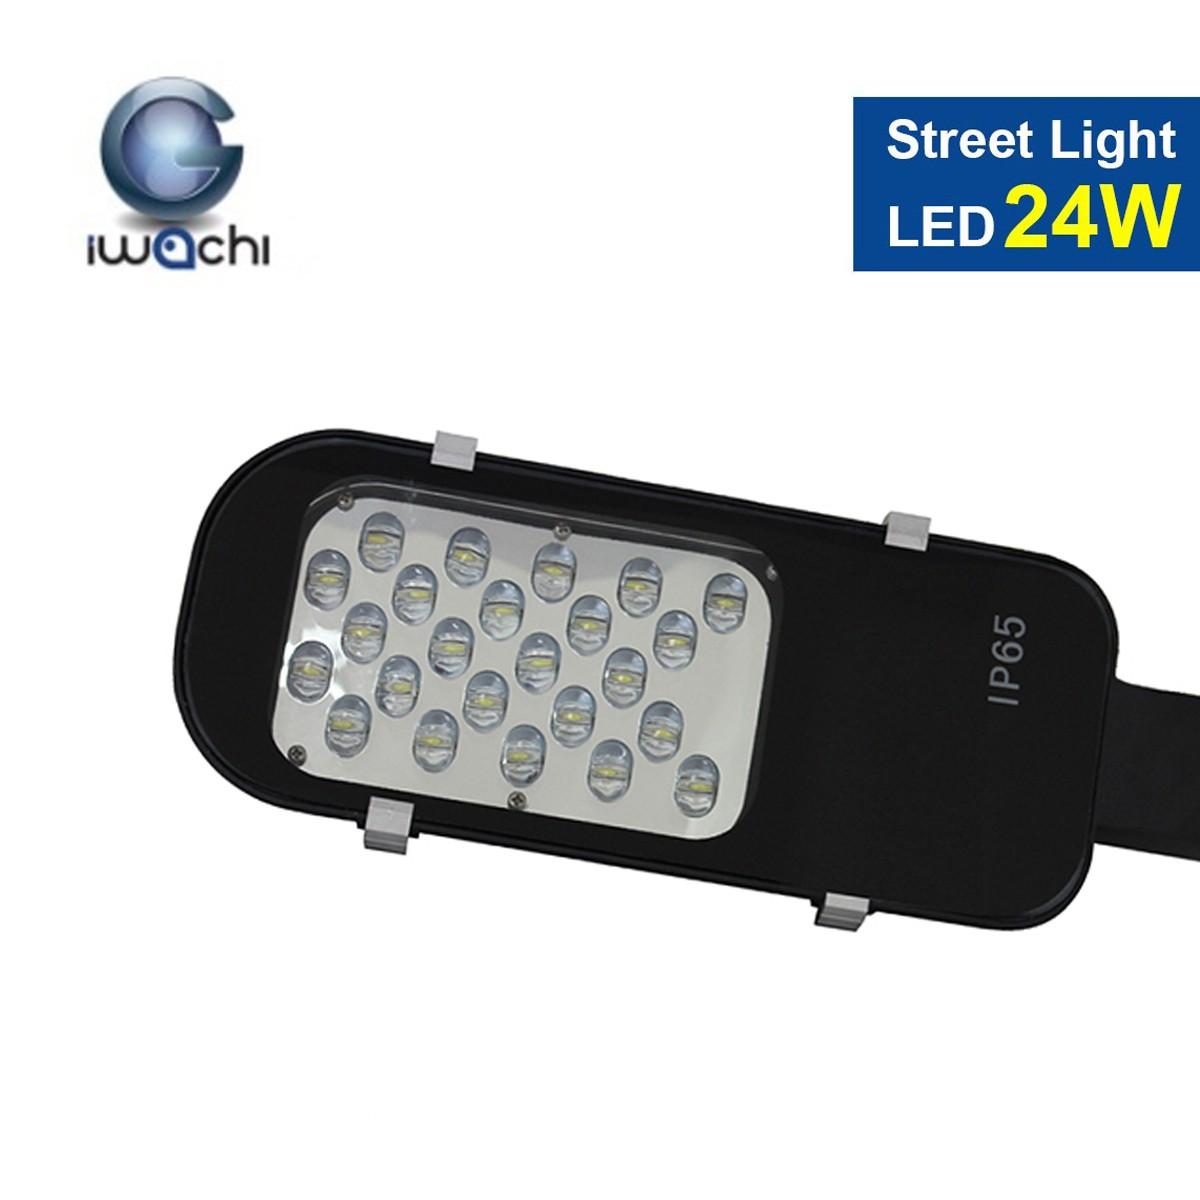 โคมไฟถนน LED Street Light 24w (เดย์ไลท์) IWACHI